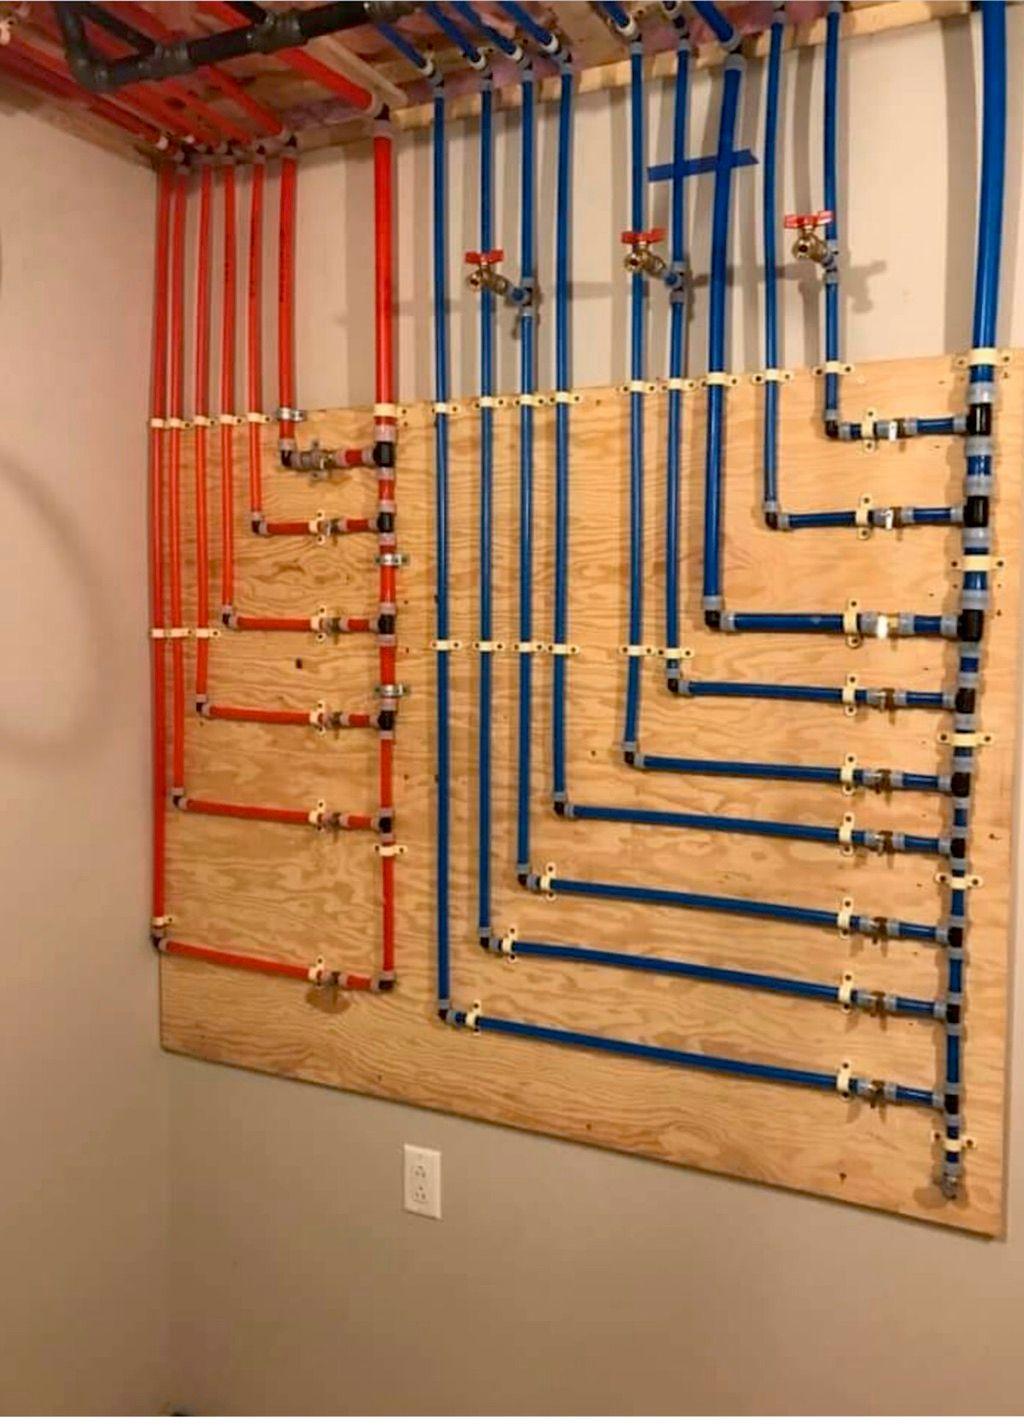 Mahoney Plumbing & Heating